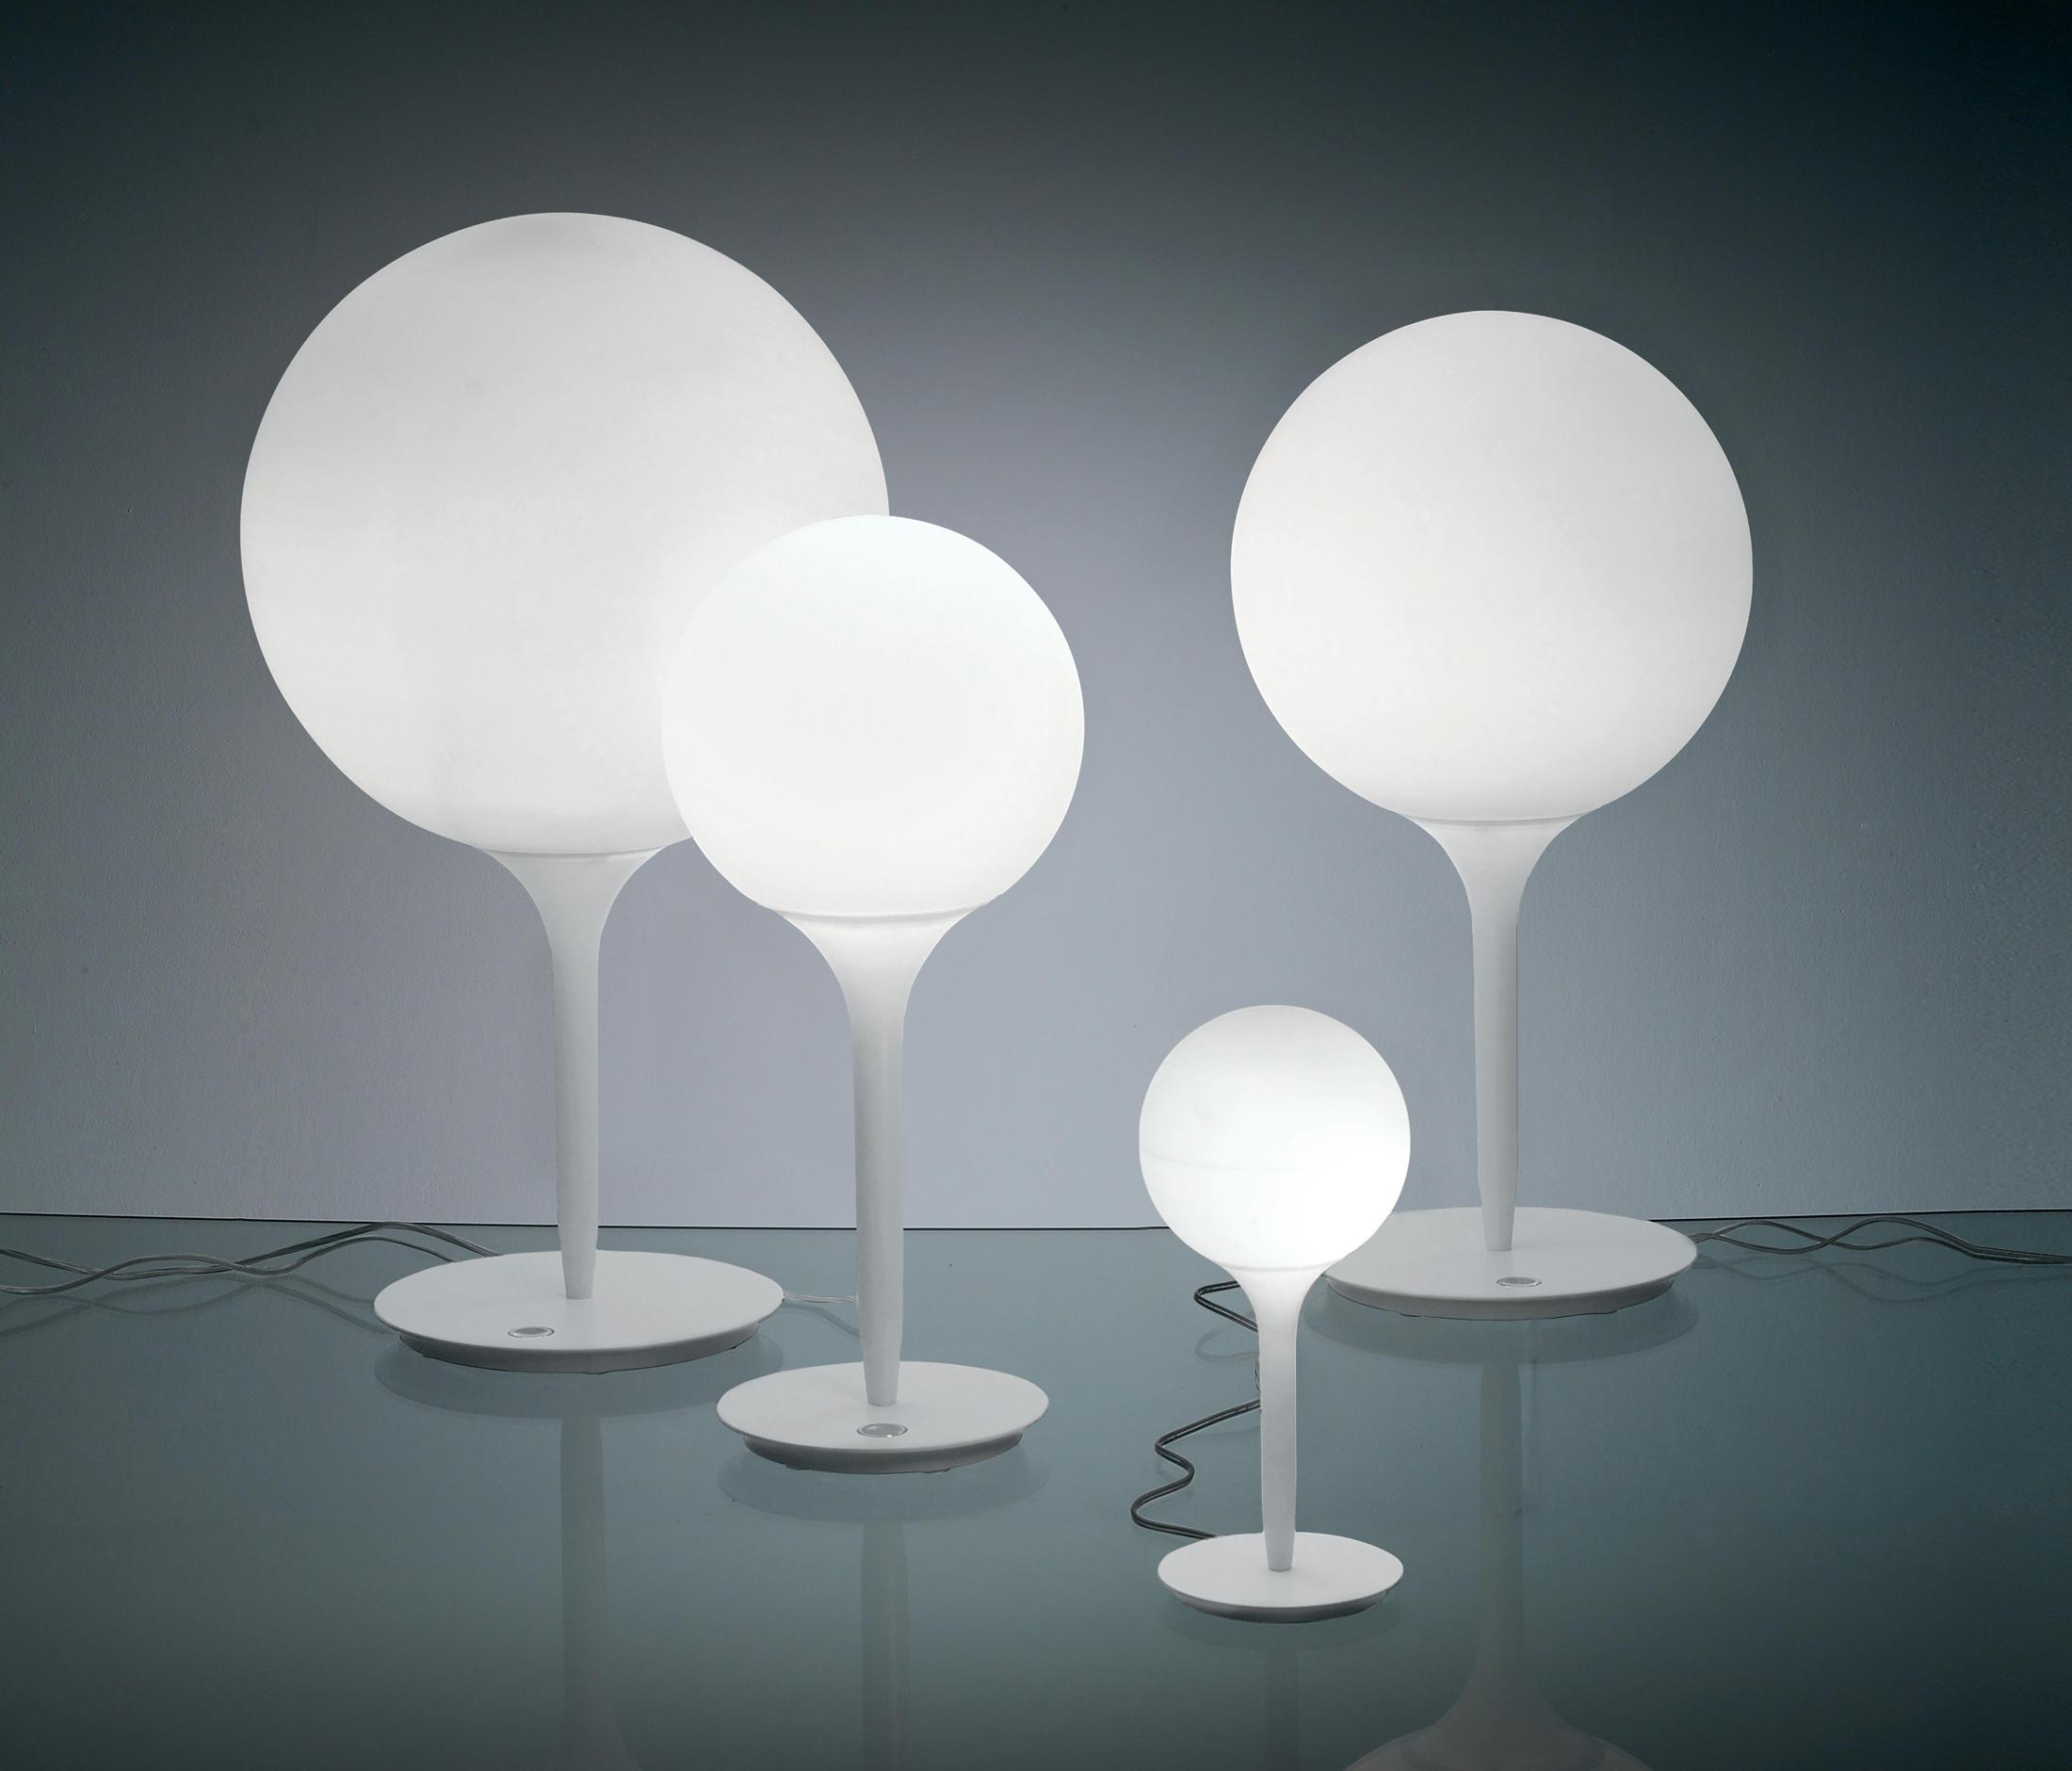 Castore lampade da tavolo illuminazione generale - Lampade da tavolo artemide ...